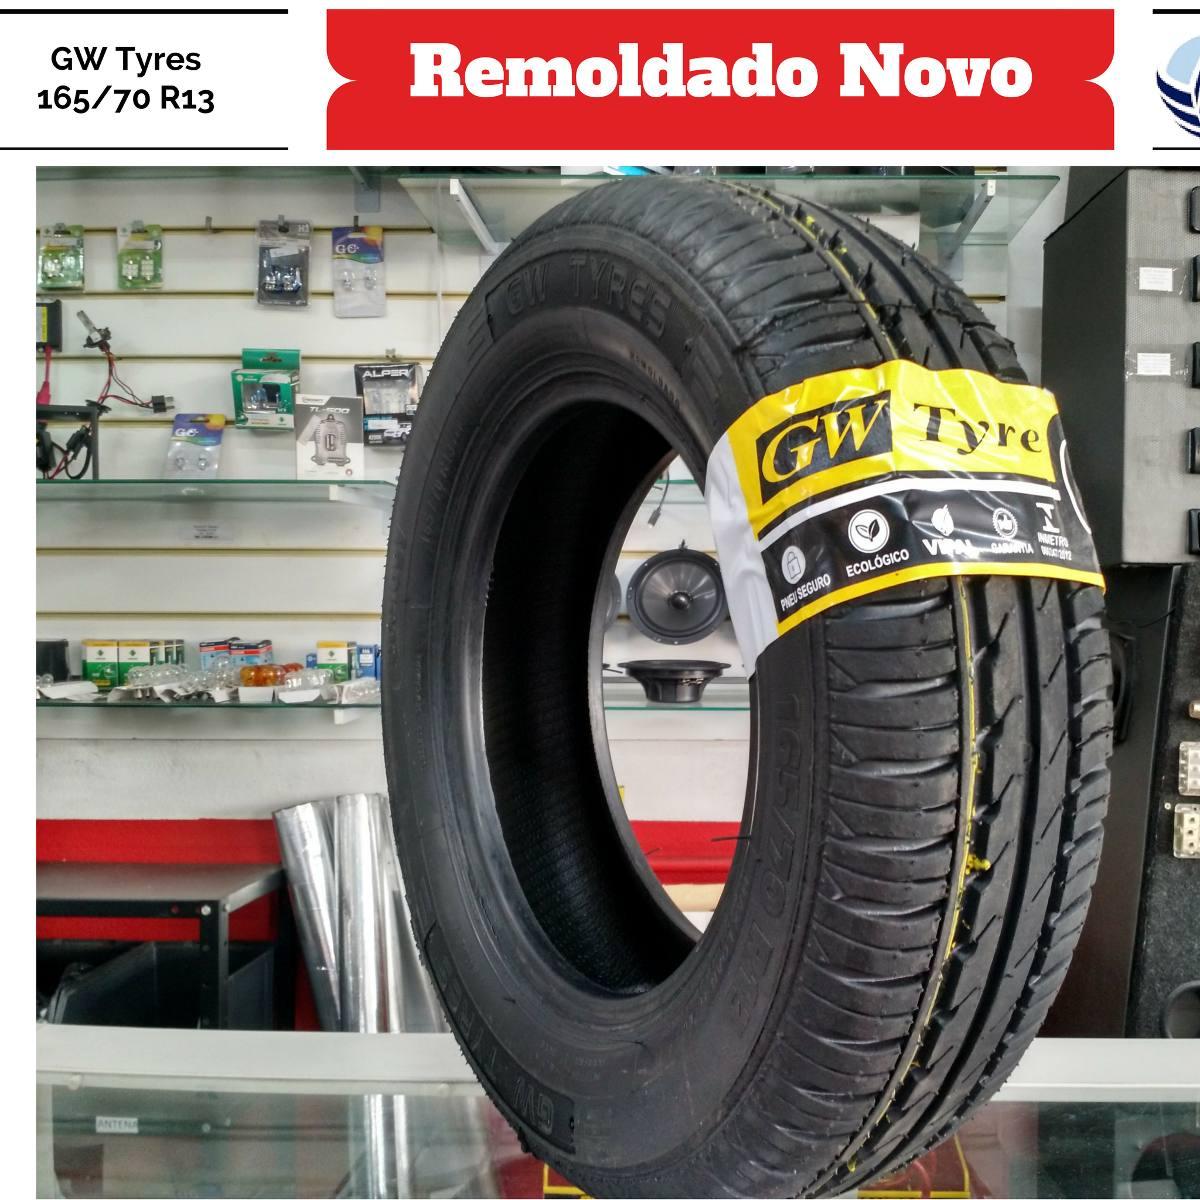 pneu 165 70 r13 gw tyre yokohama remold 5 anos de garantia r 133 00 em mercado livre. Black Bedroom Furniture Sets. Home Design Ideas